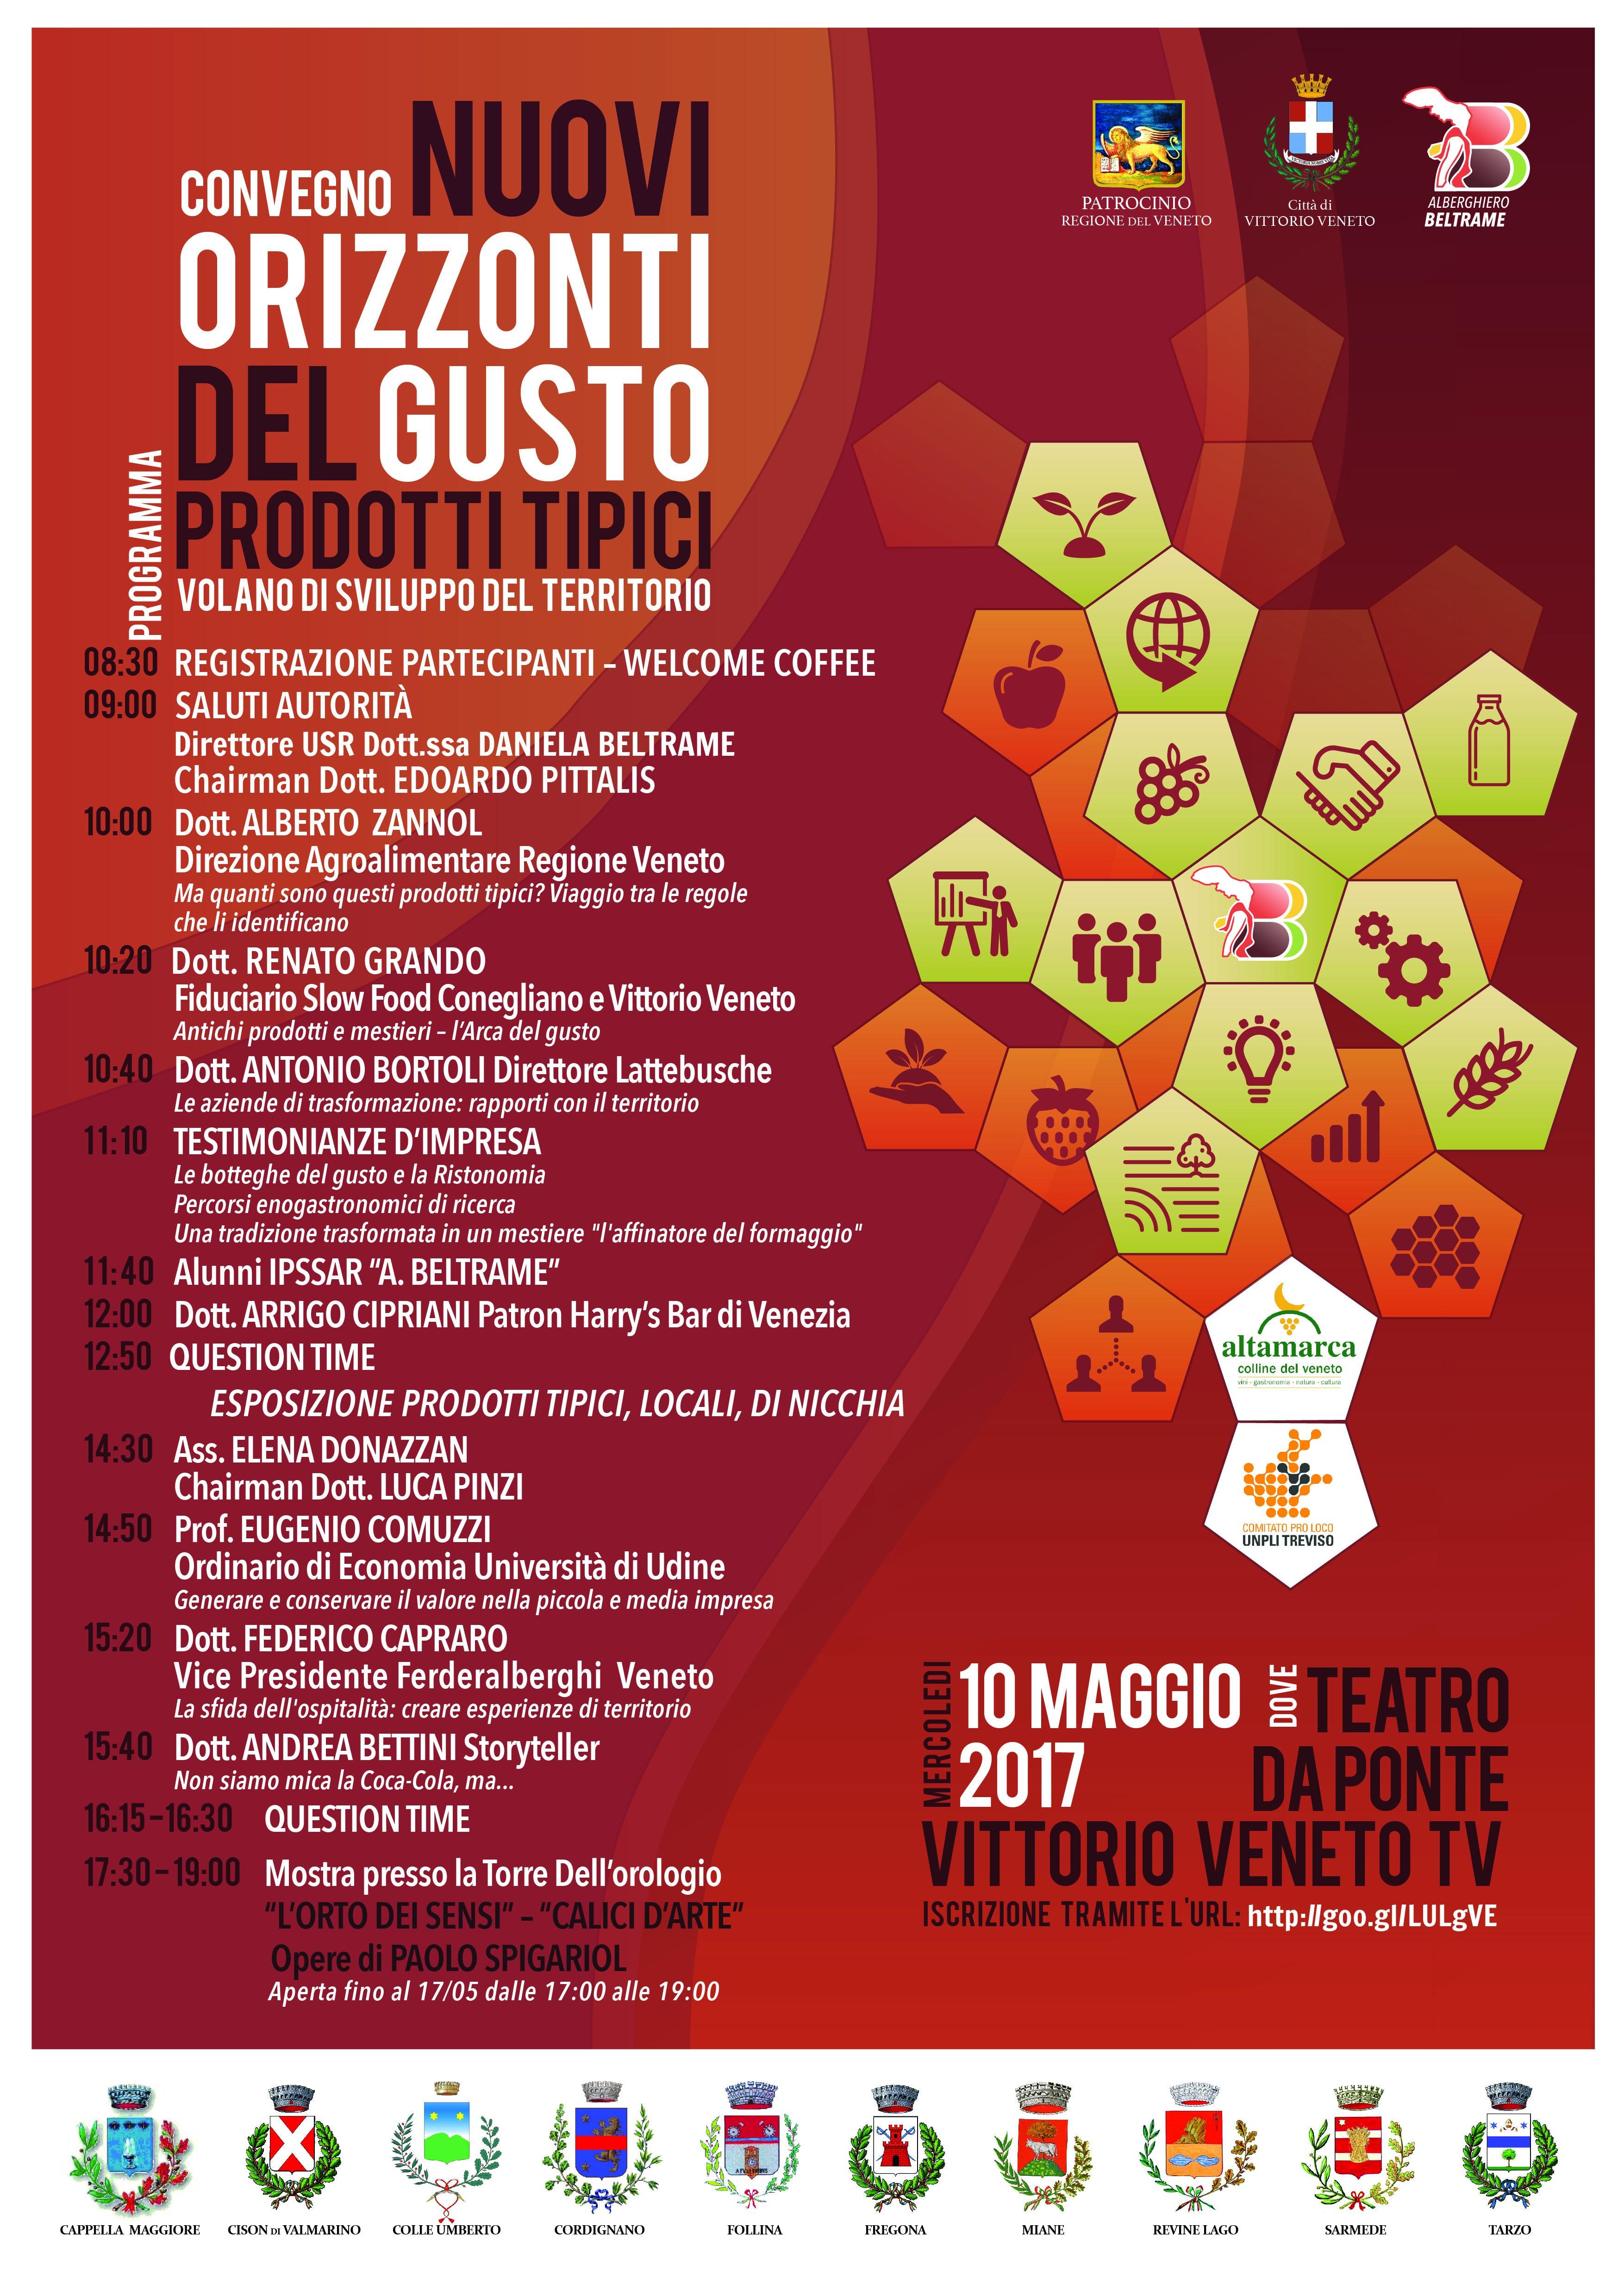 Calendario 2020 Italiano Con Festività Más Populares Docenti Miur – Ufficio Scolastico Regionale Per Il Veneto Of Calendario 2020 Italiano Con Festività Actual Home Page